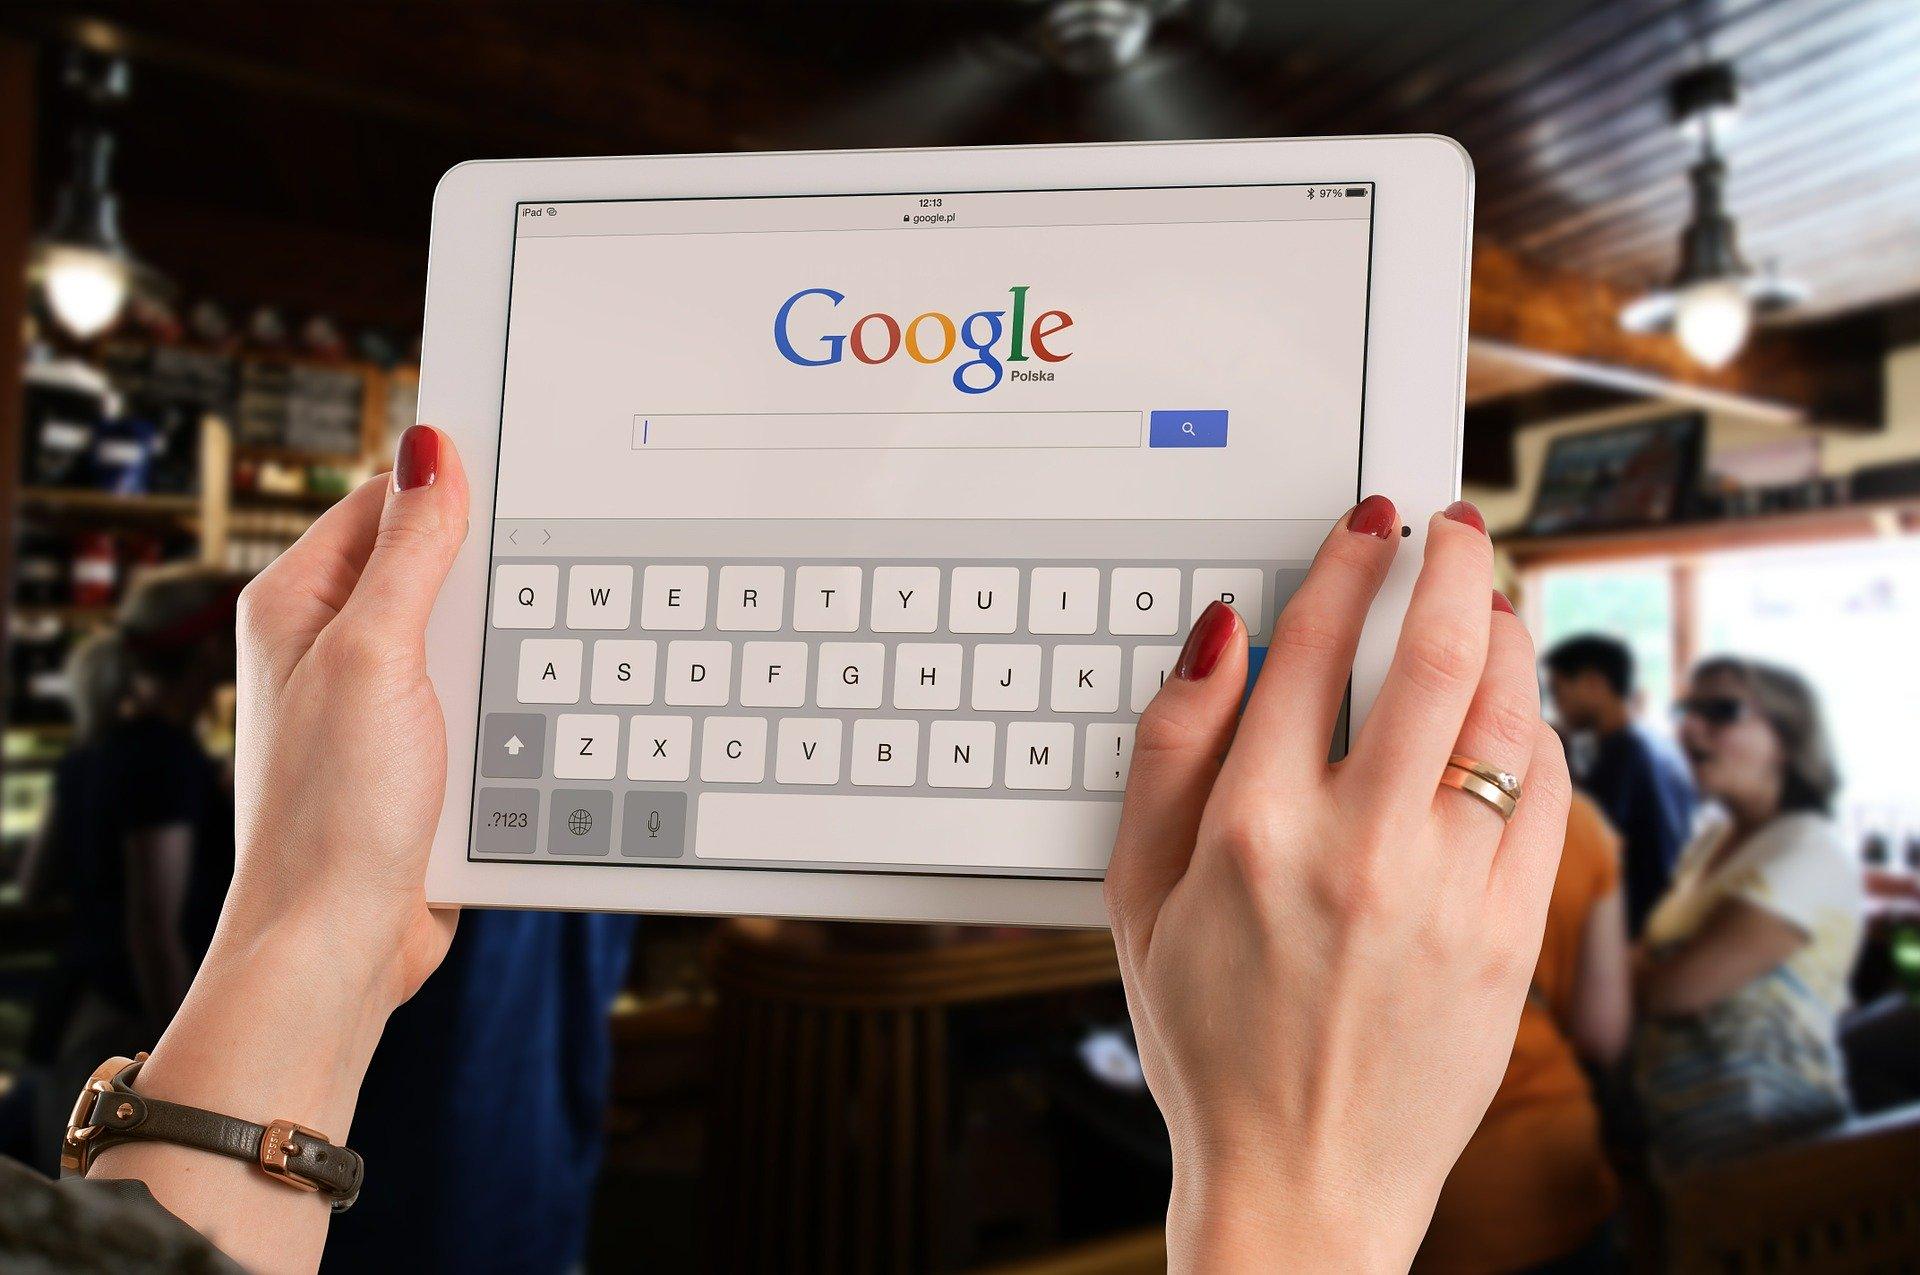 Imagem mostra uma pessoa segurando um tablet com o Google em destaque.